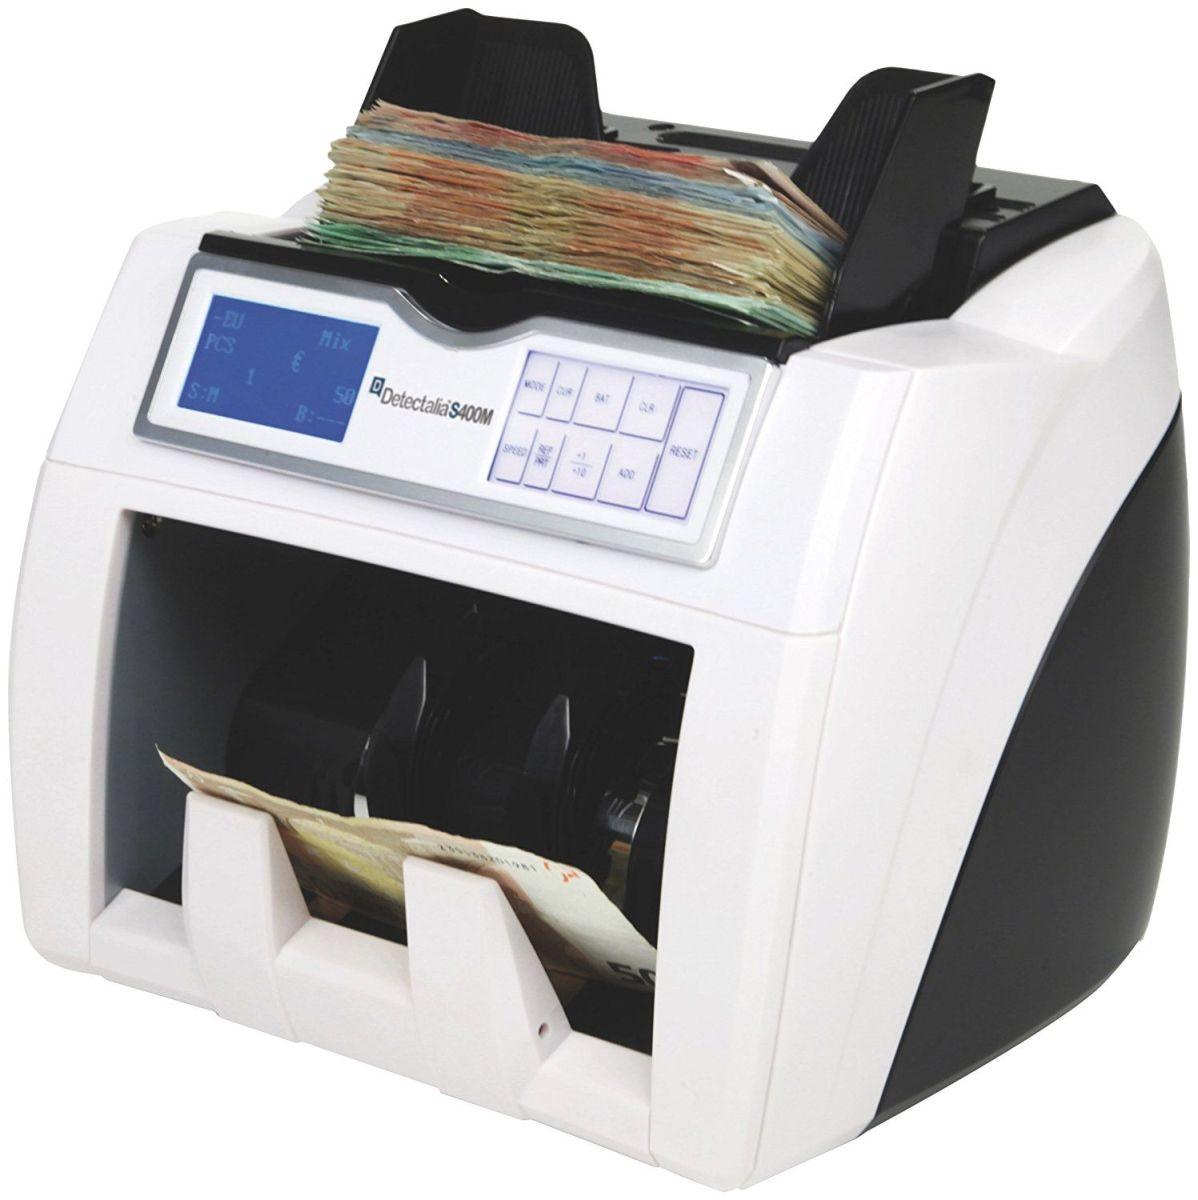 Análisis al completo del detector, contador y valorador de billetes Detectalia S400MD